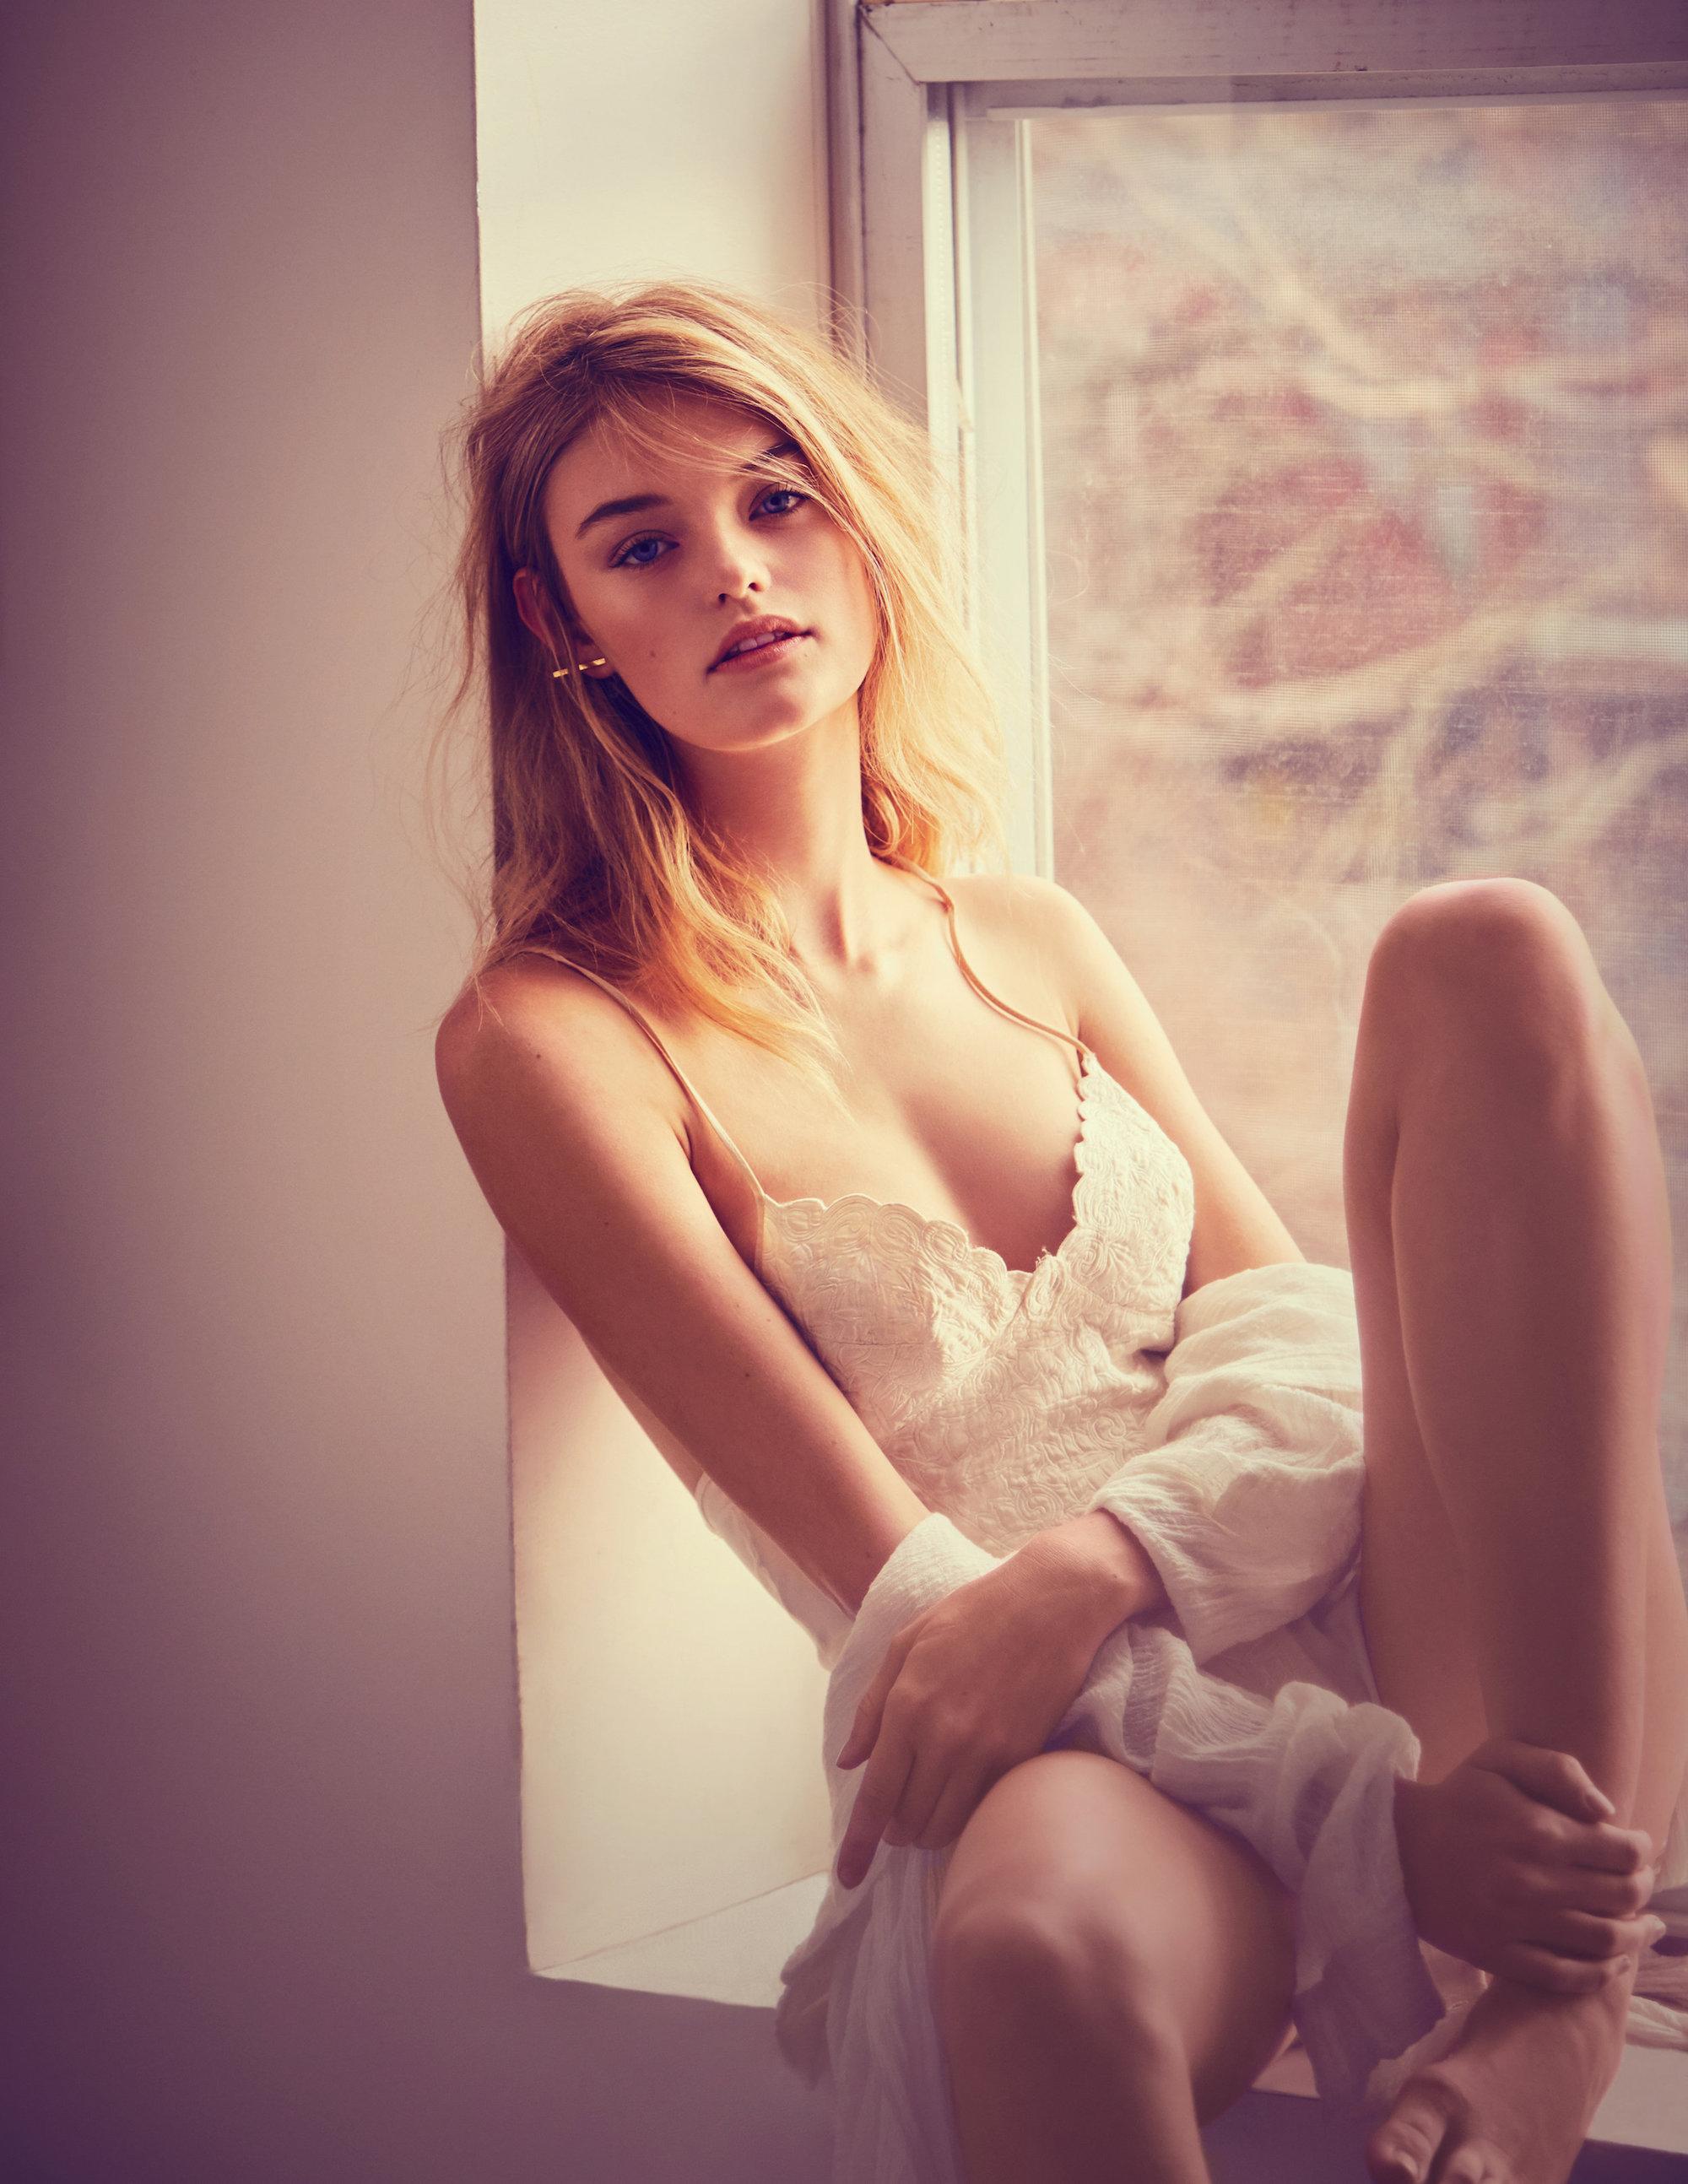 Erotica Marian Hailey-Moss nudes (89 photos) Paparazzi, YouTube, butt